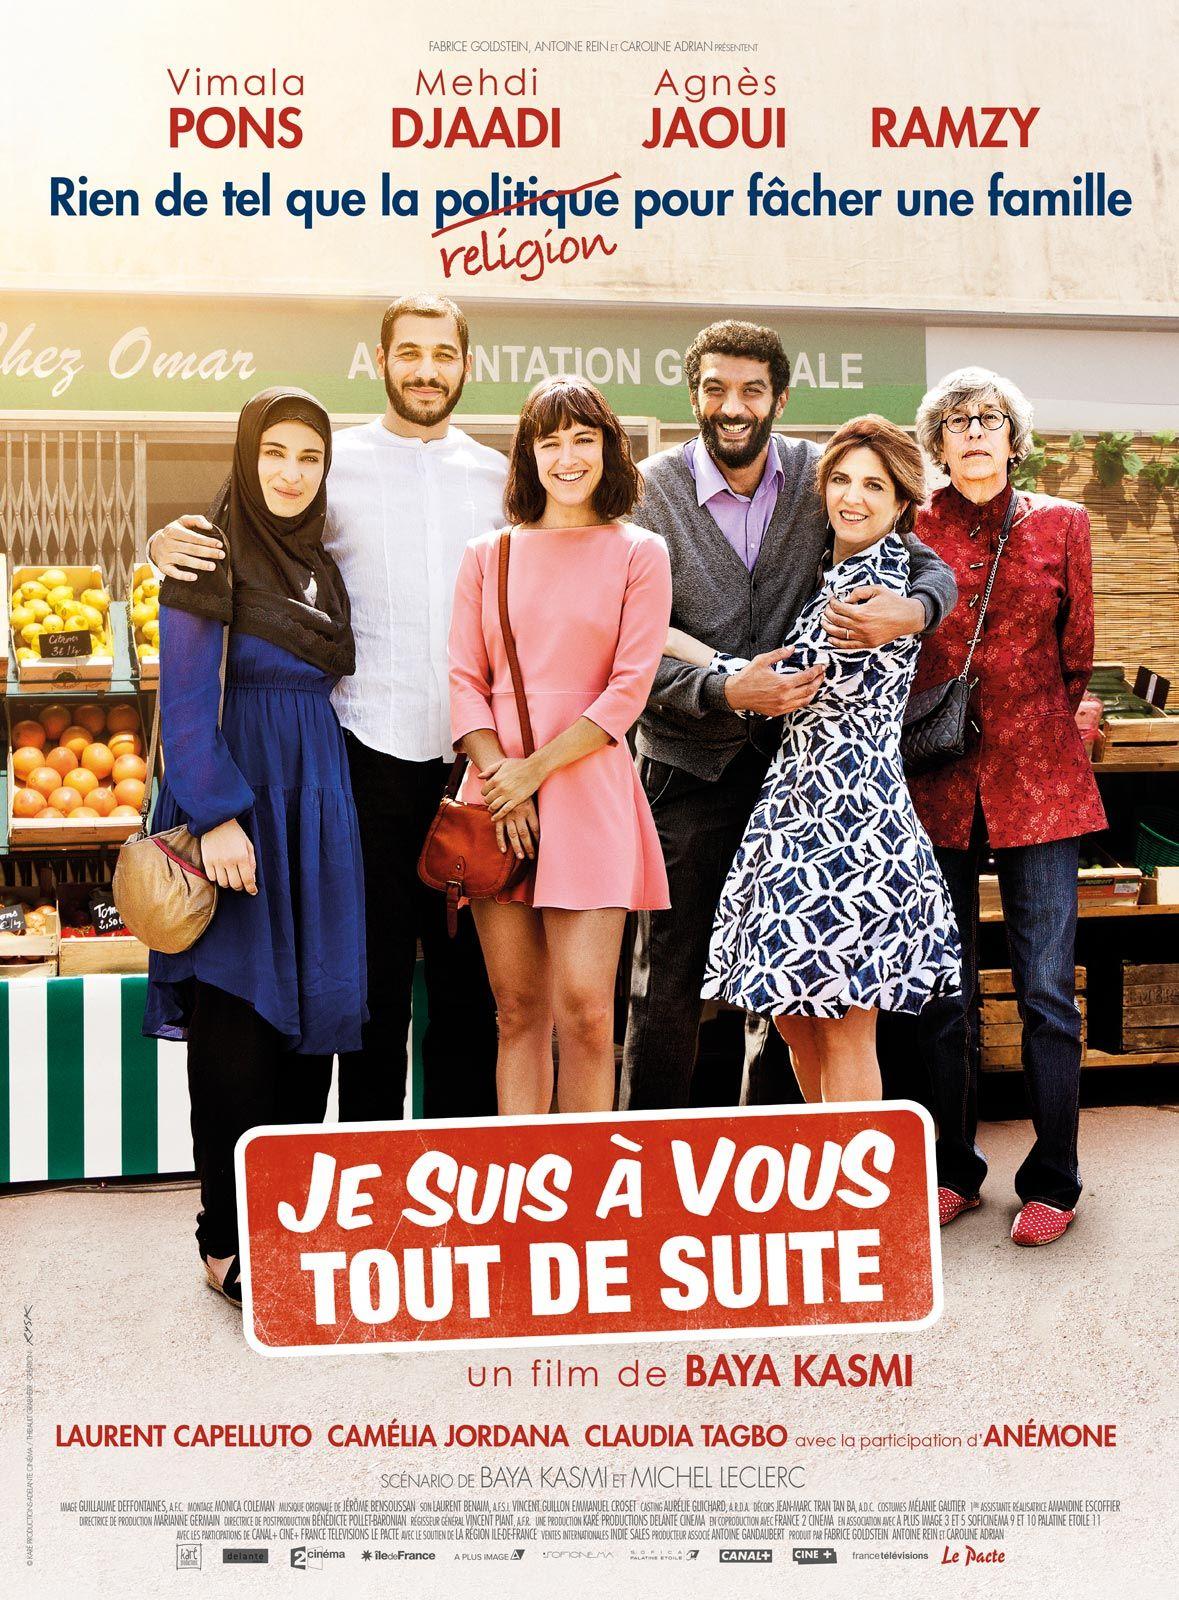 Je suis à vous tout de suite de B. Kasmi (2015 - Octobre). Un film  décalé, farfelu et atypique, mais bien moins léger que l'affiche, le pitch ne laissent l'imaginer. Pourquoi pas !